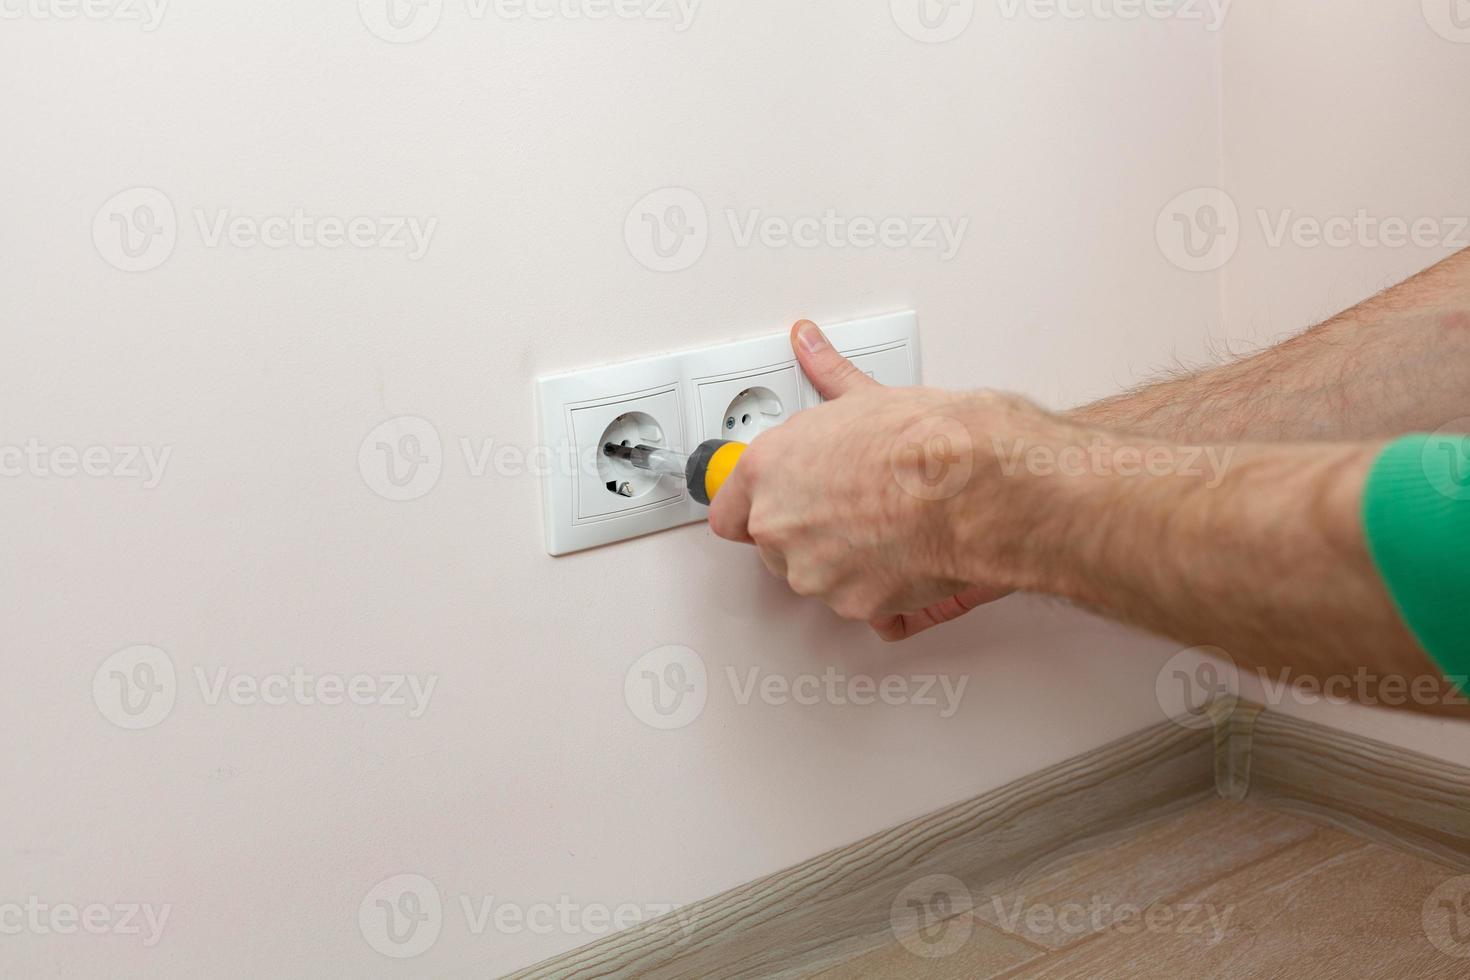 le mani di un elettricista che installa una presa a muro foto